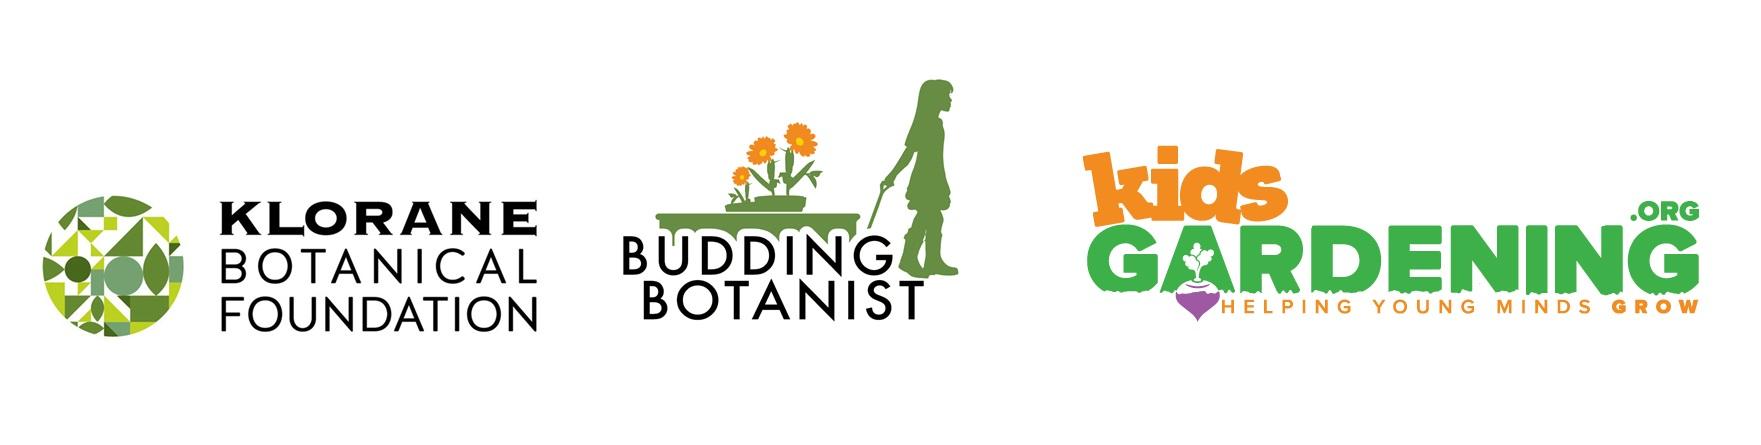 Oakland's Garfield Elementary School named winner of 2018 Budding Botanist Grant